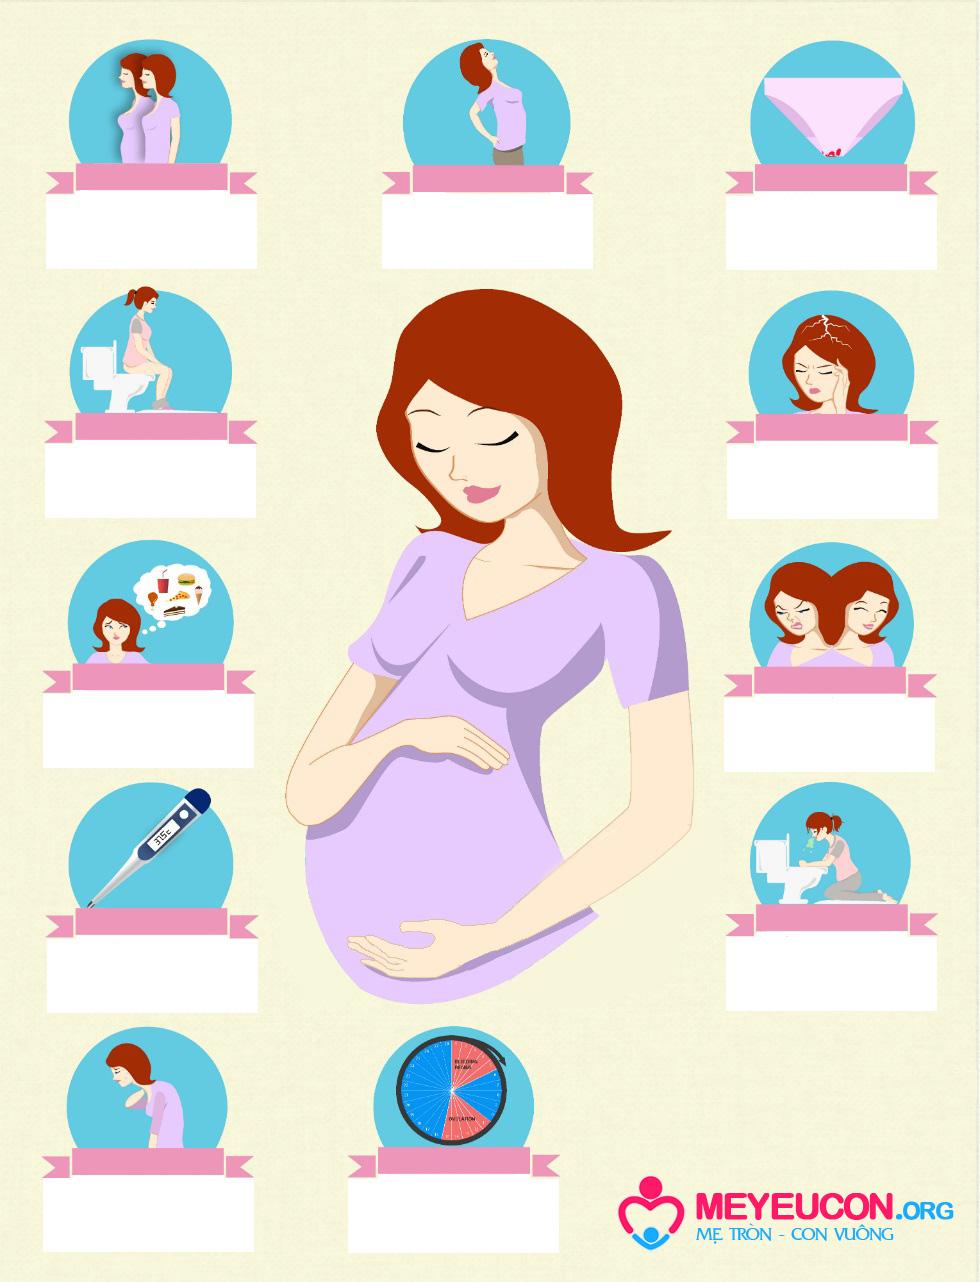 trieu-chung-khi-mang-thai